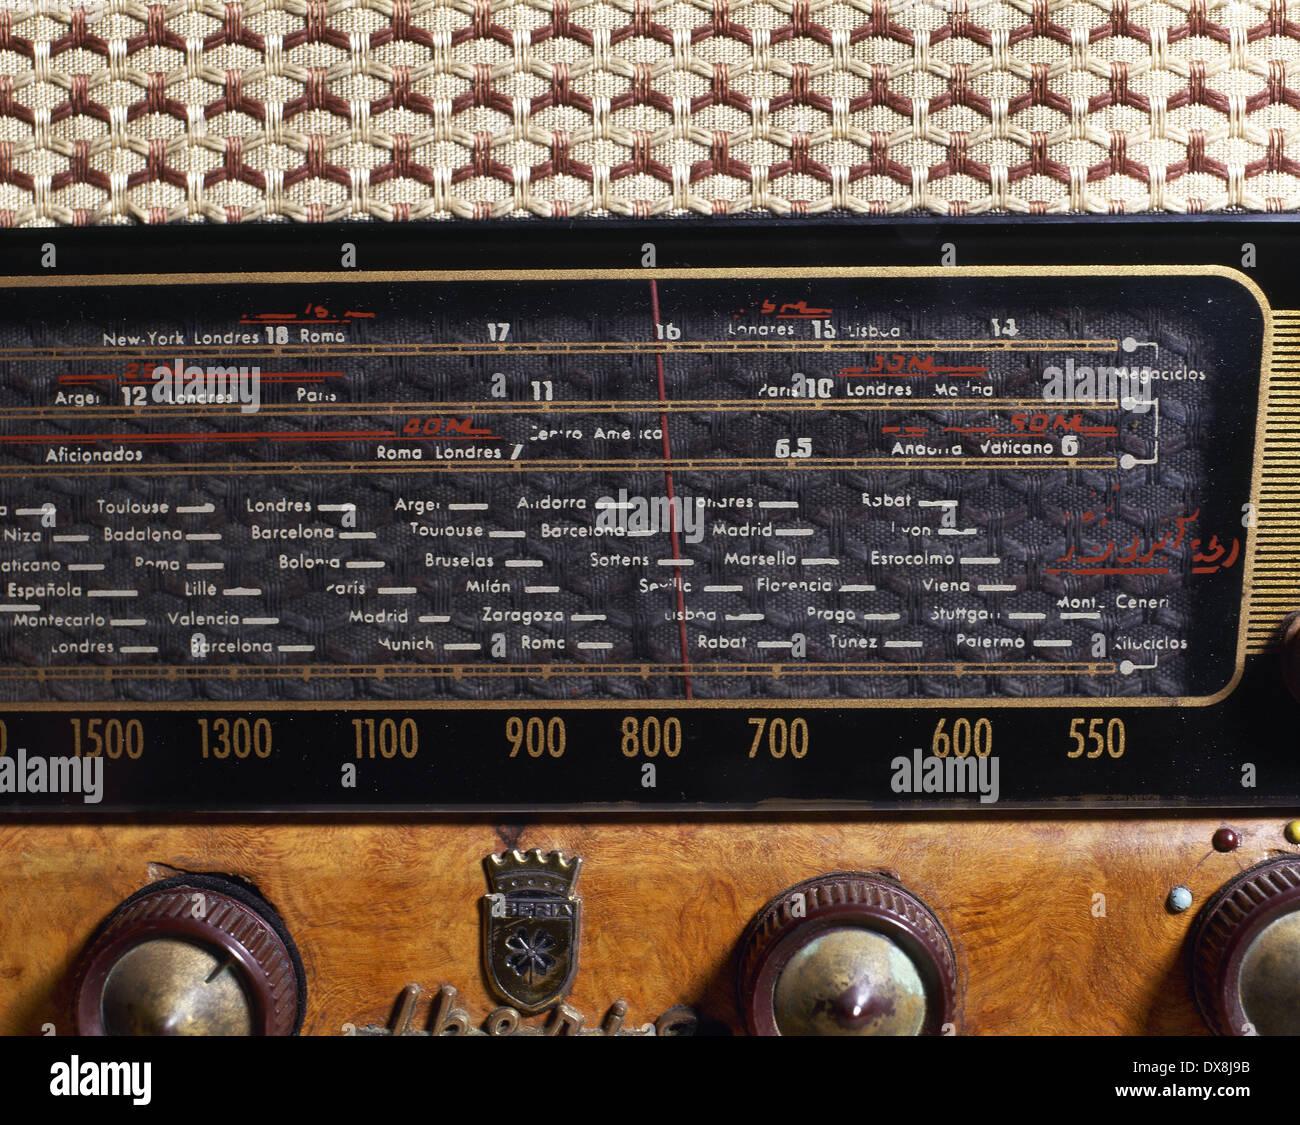 Alten Radio-Empfänger. Marke Iberia. Detail des Zifferblatts. Stockbild